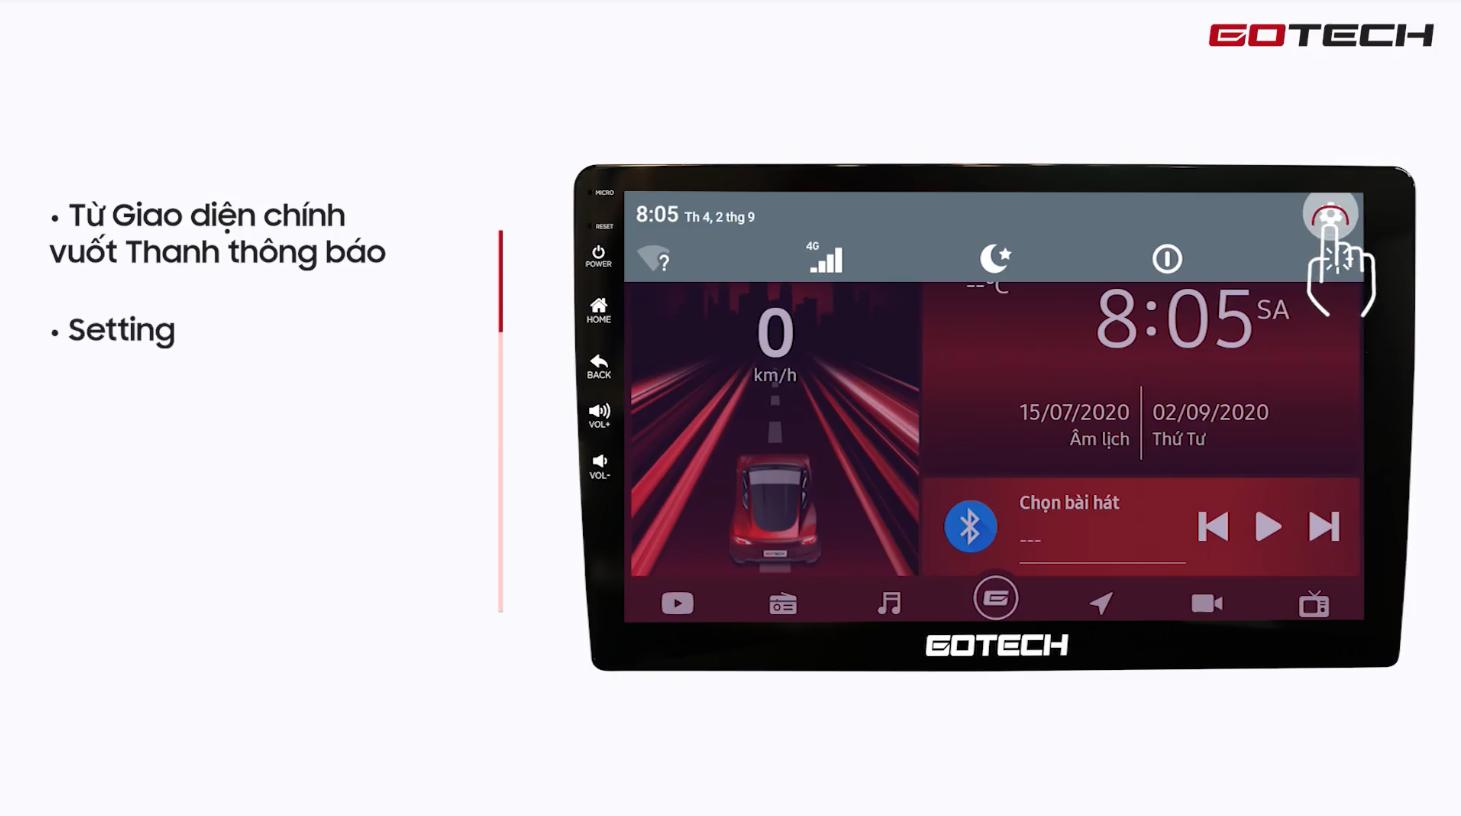 Hướng dẫn cài đặt cơ bản trên màn hình Gotech